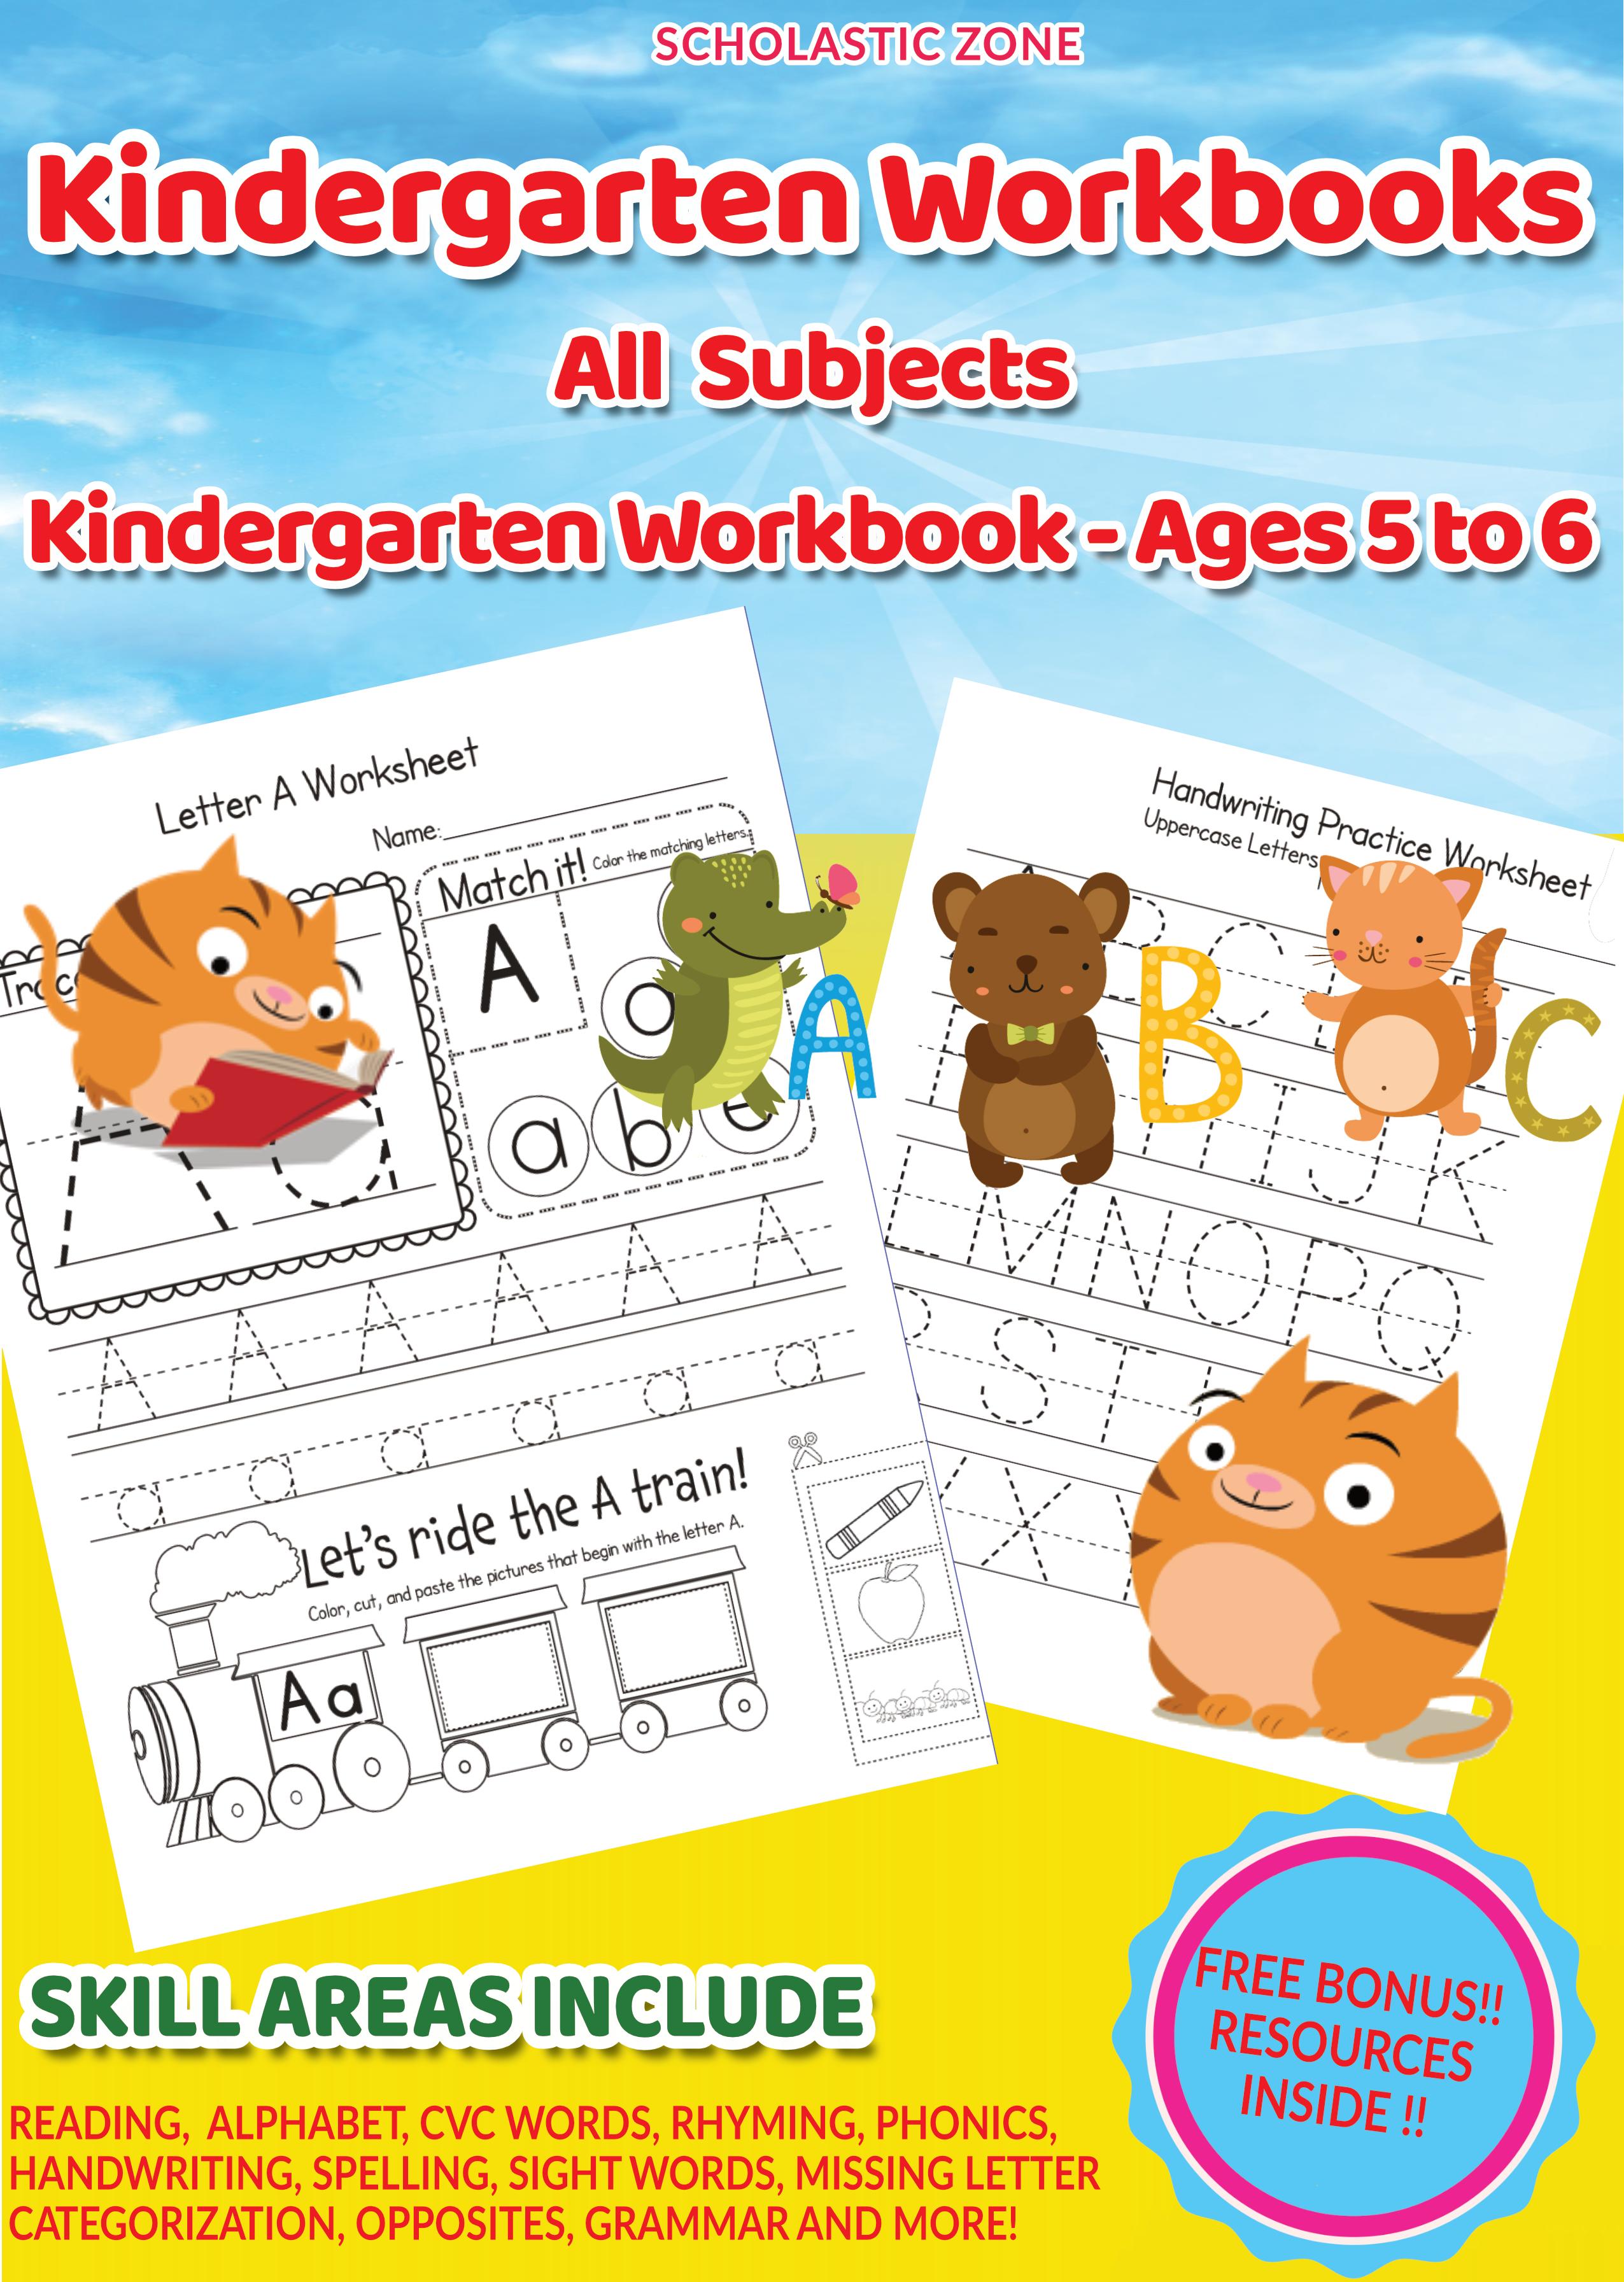 Pin On Kindergarten Workbooks All Subjects